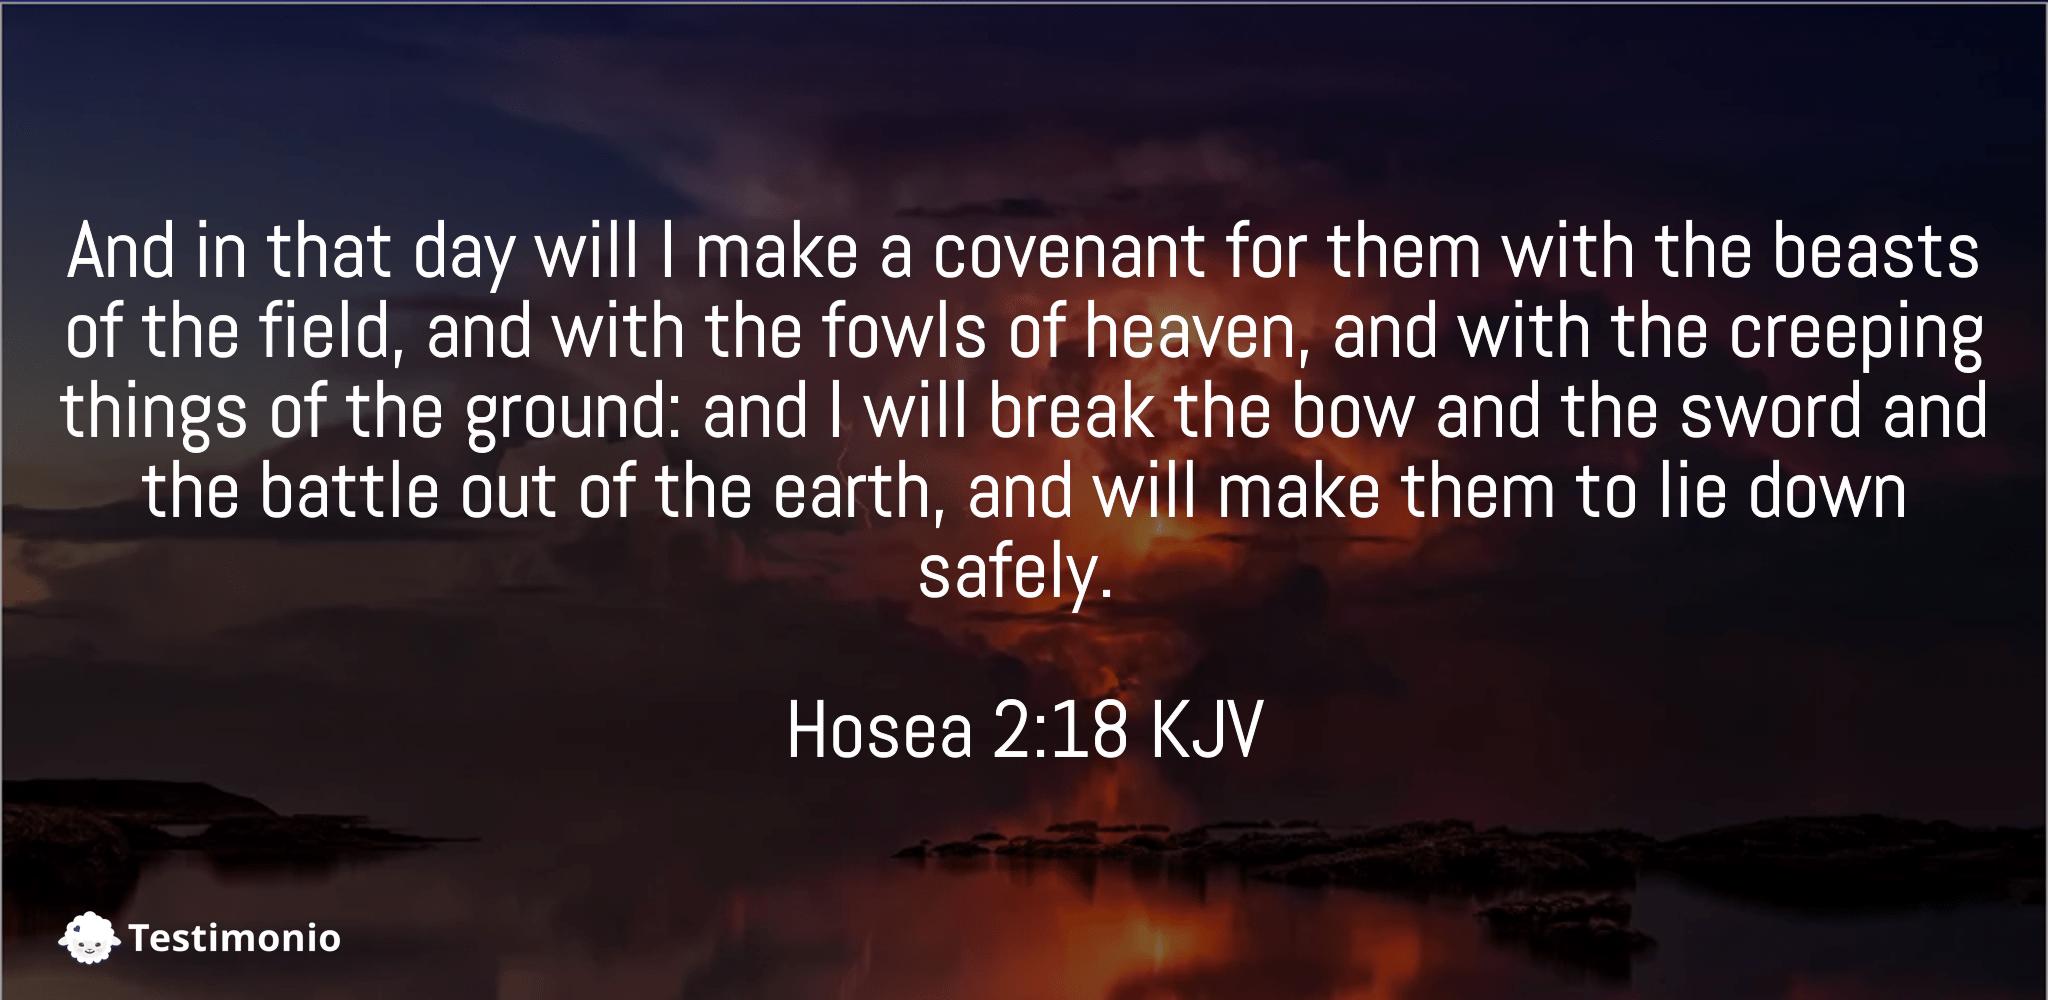 Hosea 2:18